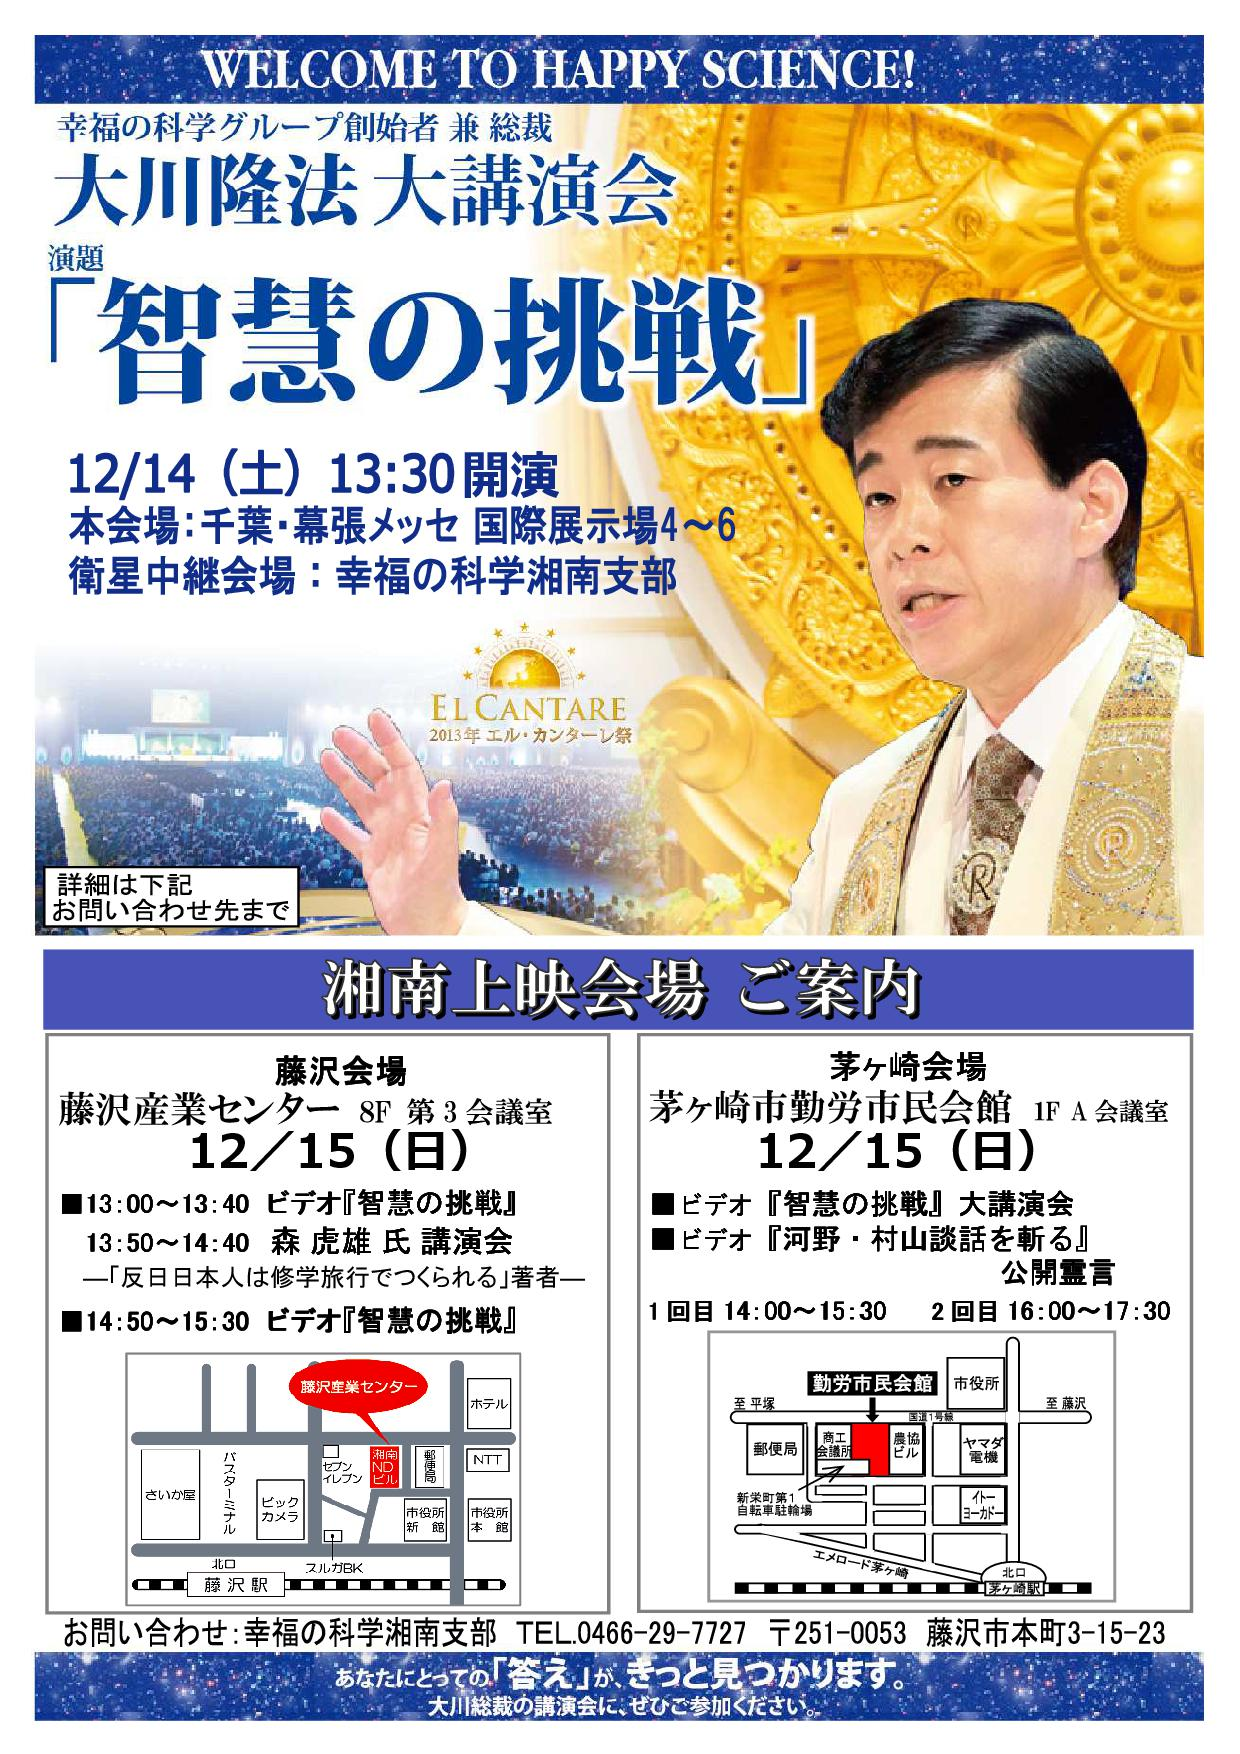 2013EC祭:衛星中継会場版